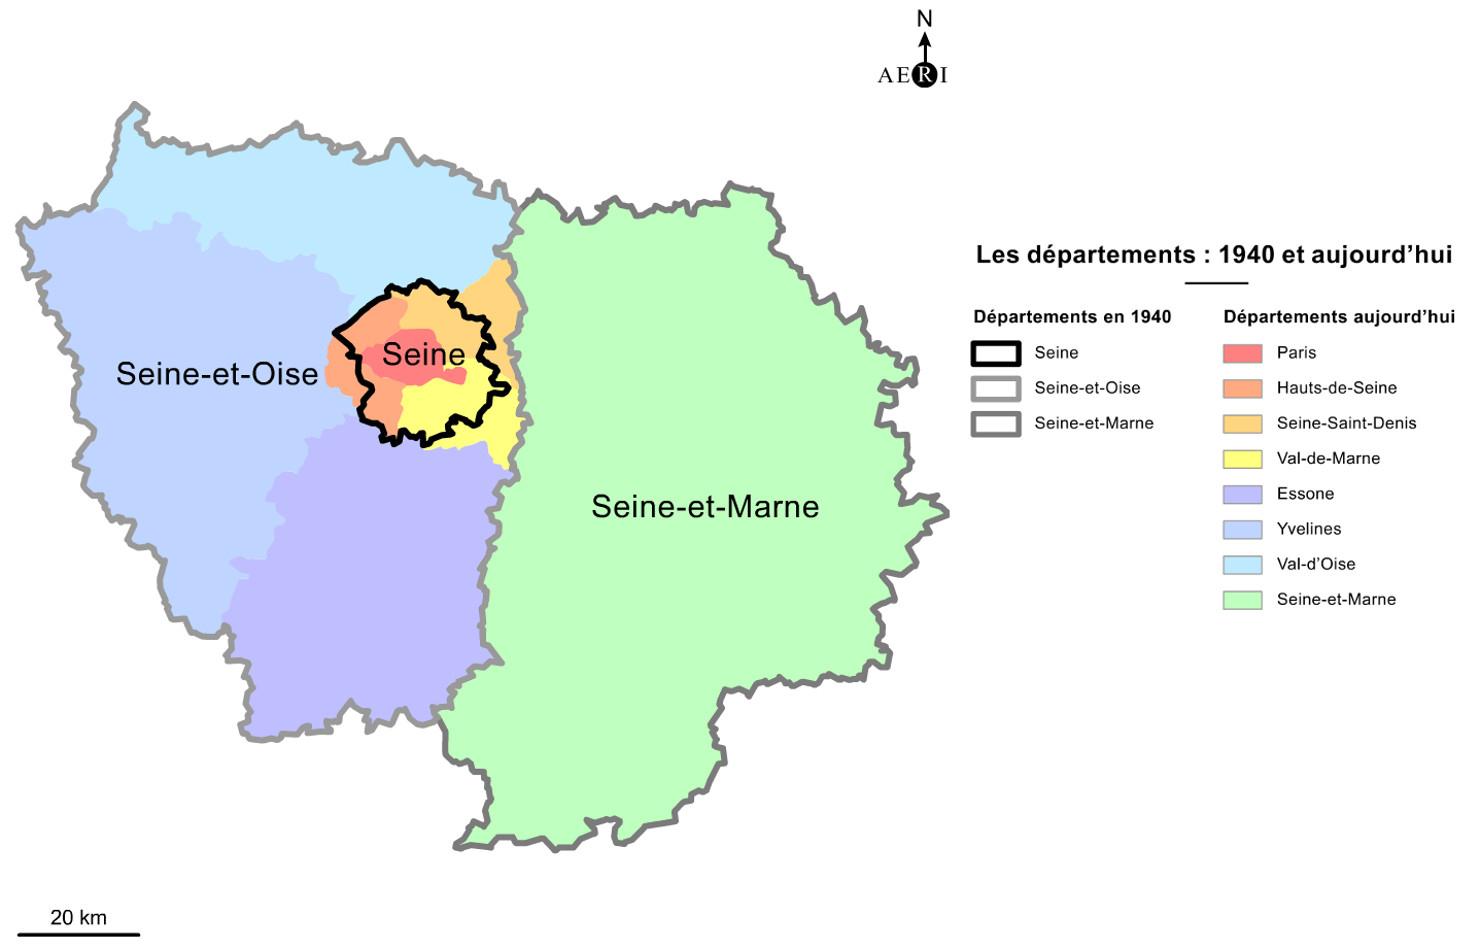 Musée De La Résistance En Ligne serapportantà Ile De France Département Numéro